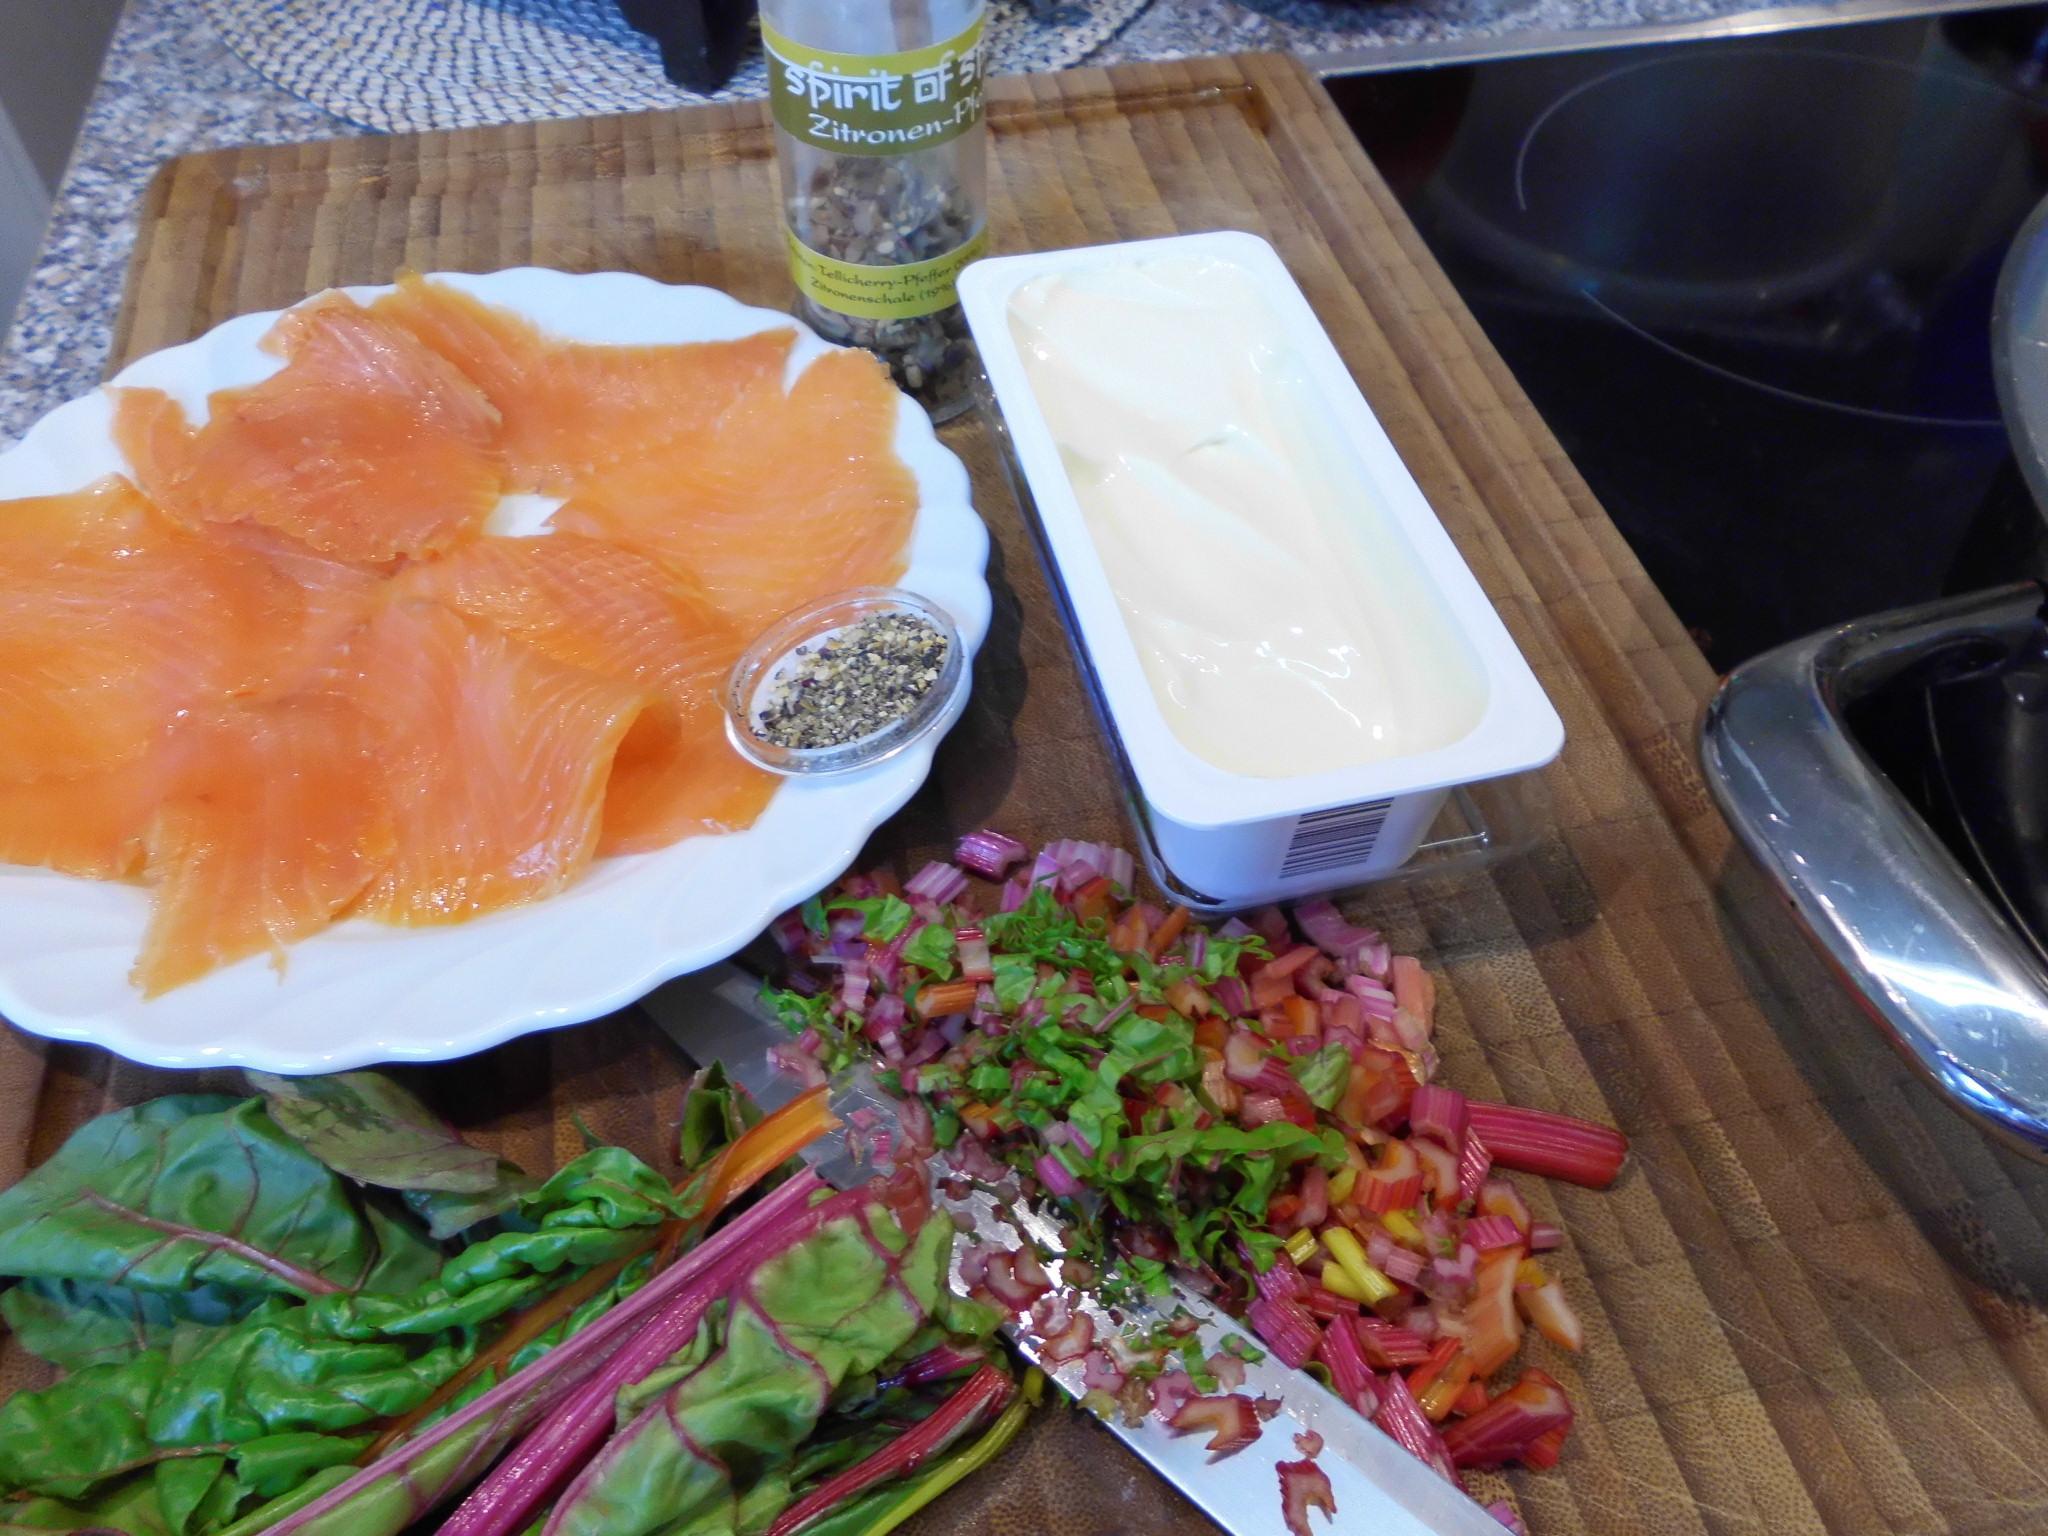 Geräucherter Lachs, Steichkäse und Mangold Blätter und die Stiele für die Sauce